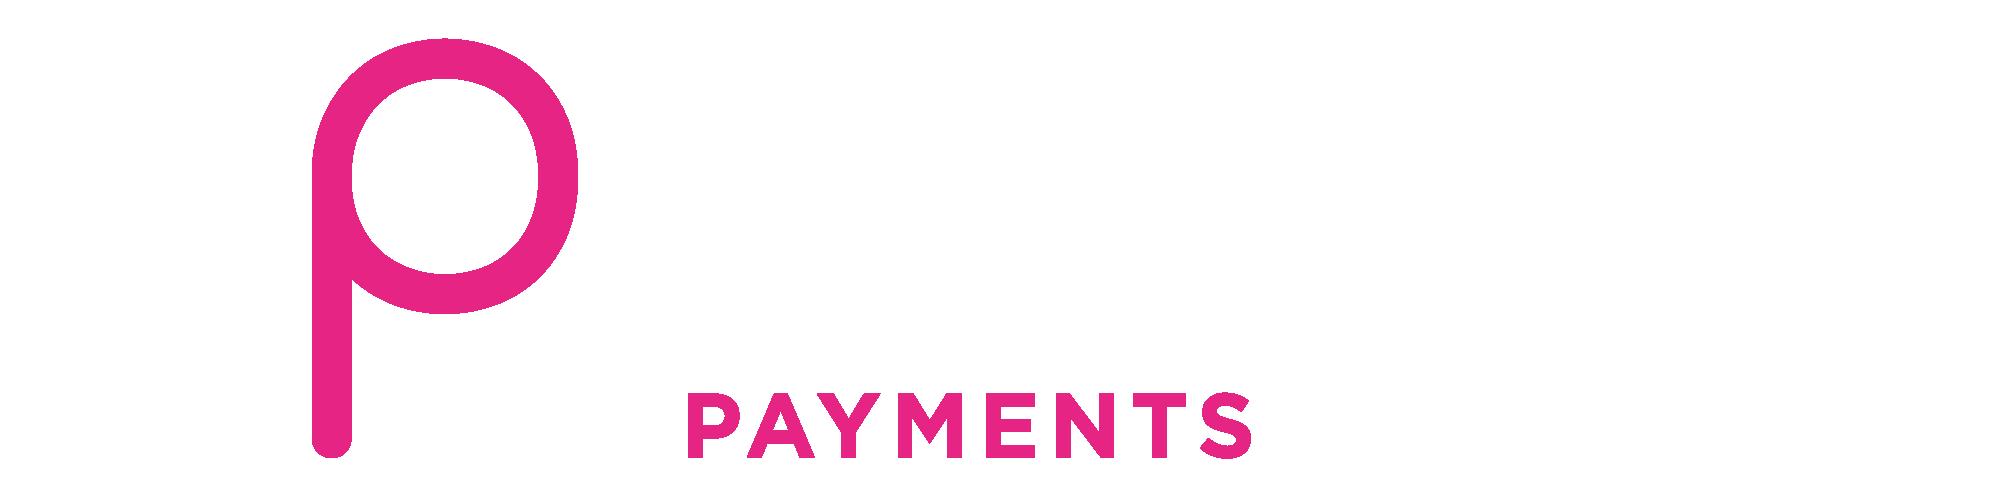 Opaay Logo